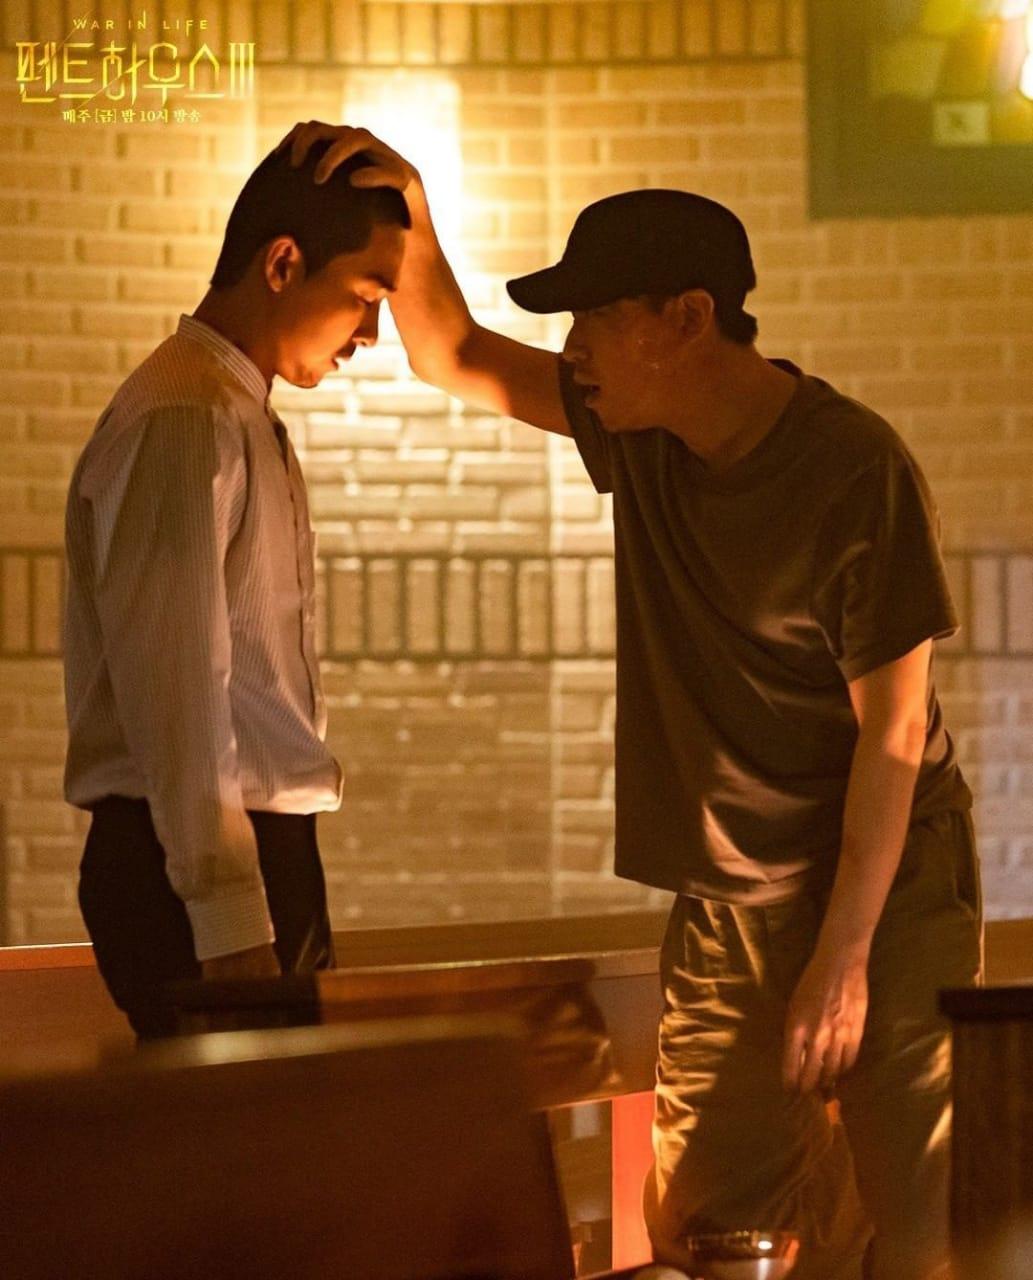 Link Streaming Drama Korea Penthouse 3 Episode 12 Sub Indo, Joo Dan Tae Kembali, Logan dan Sim Su Ryeon Menikah